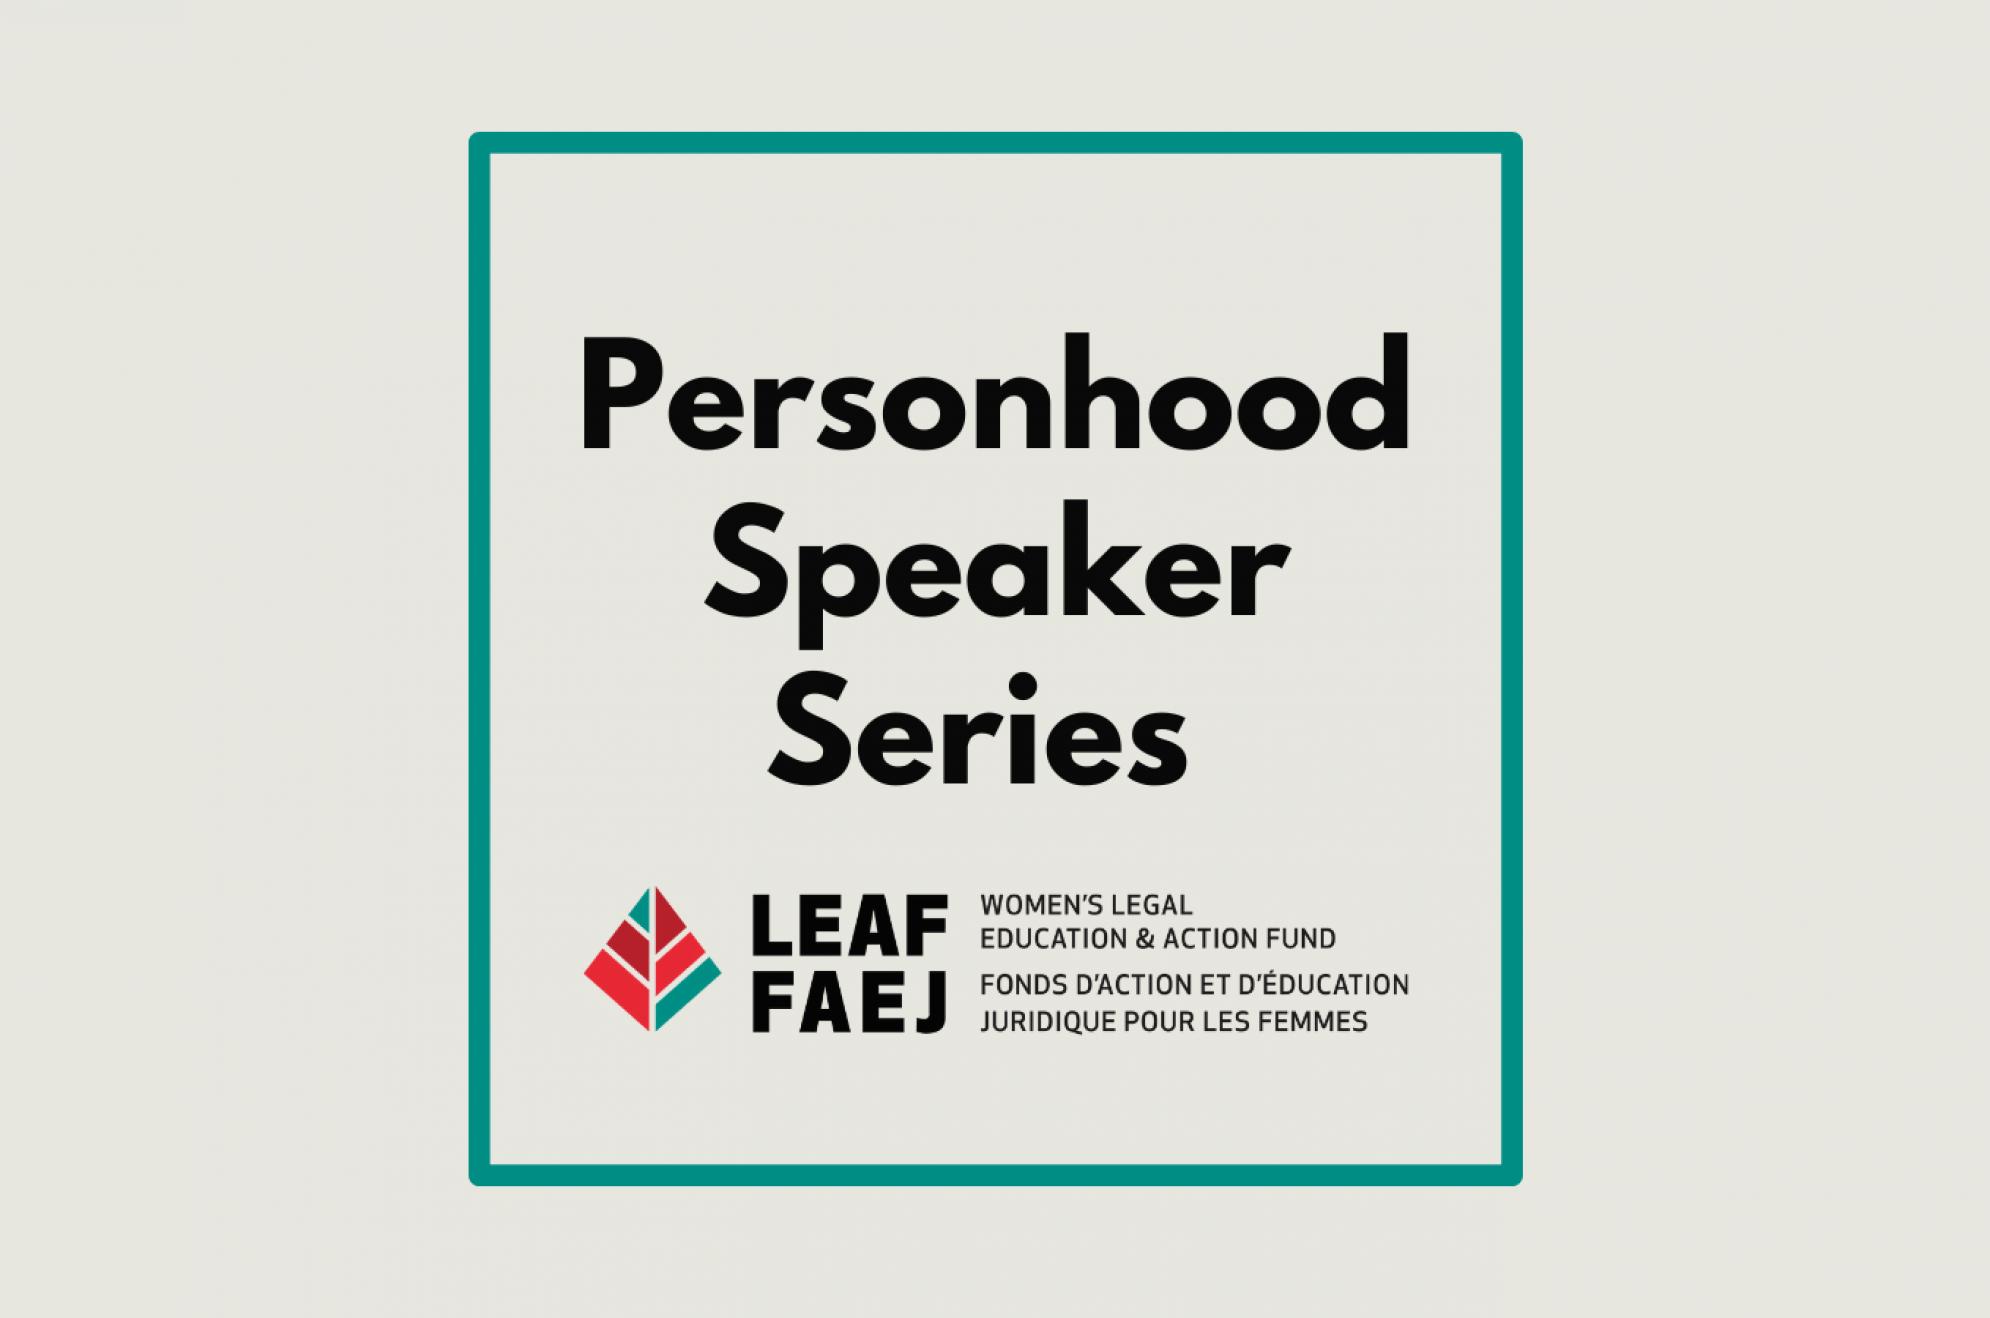 Personhood Speaker Series with LEAF logo